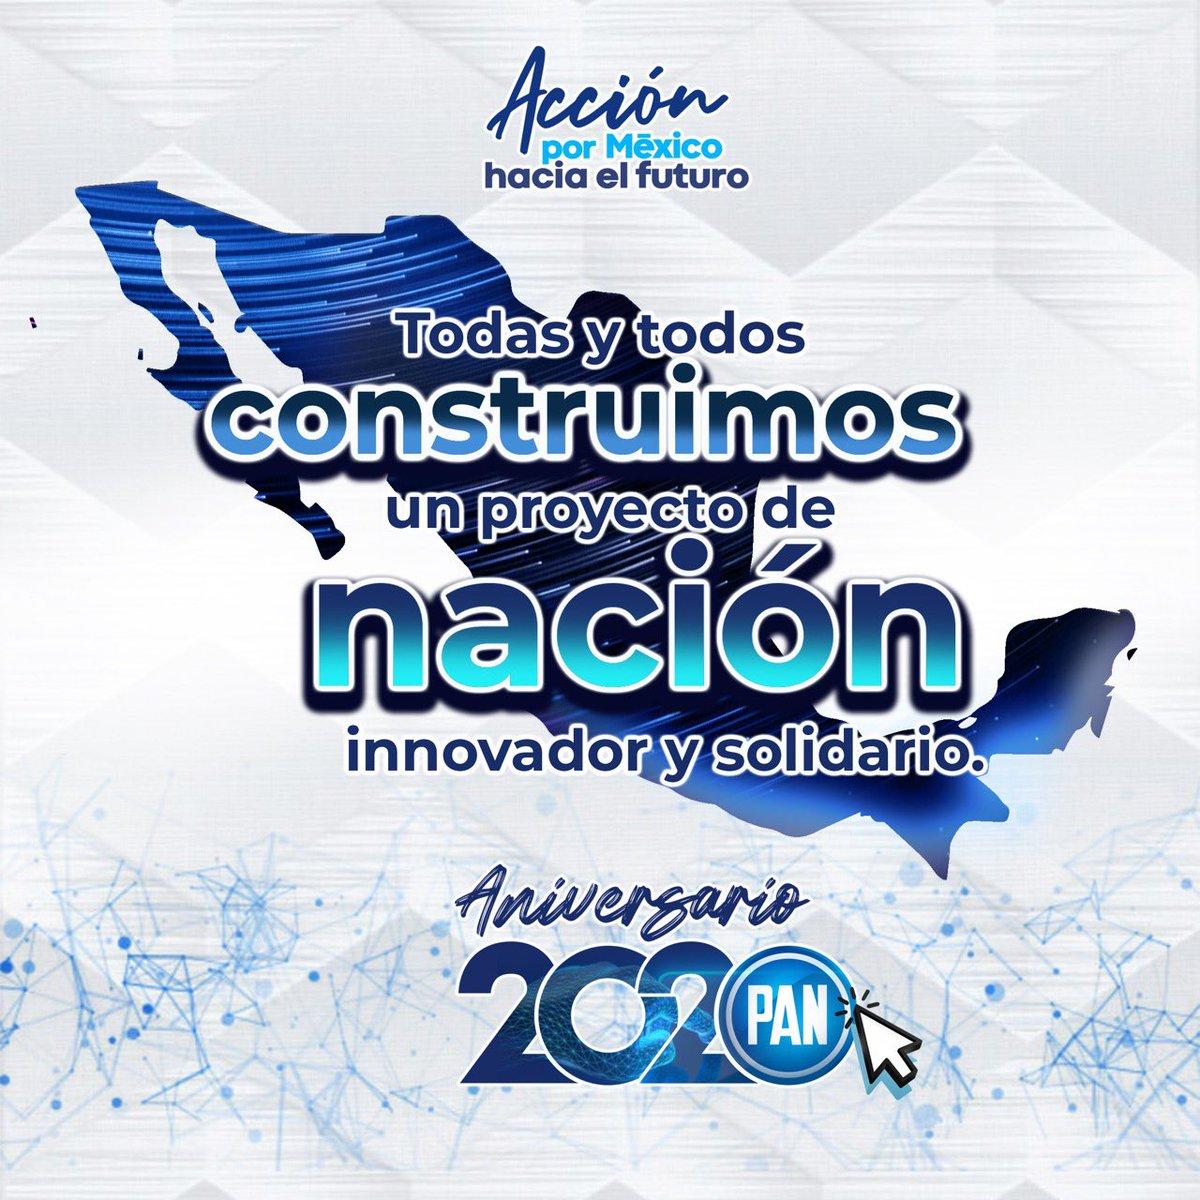 Todas y todos podemos construir un mejor México. Es tiempo de ver hacia el futuro y lograr un nuevo rumbo para el país, donde todas y todos vivamos mejor.   ¡Celebra con nosotros nuestro aniversario 2020! https://t.co/VBT4W4AepL  #AcciónPorMéxico https://t.co/lMwSiDRArZ